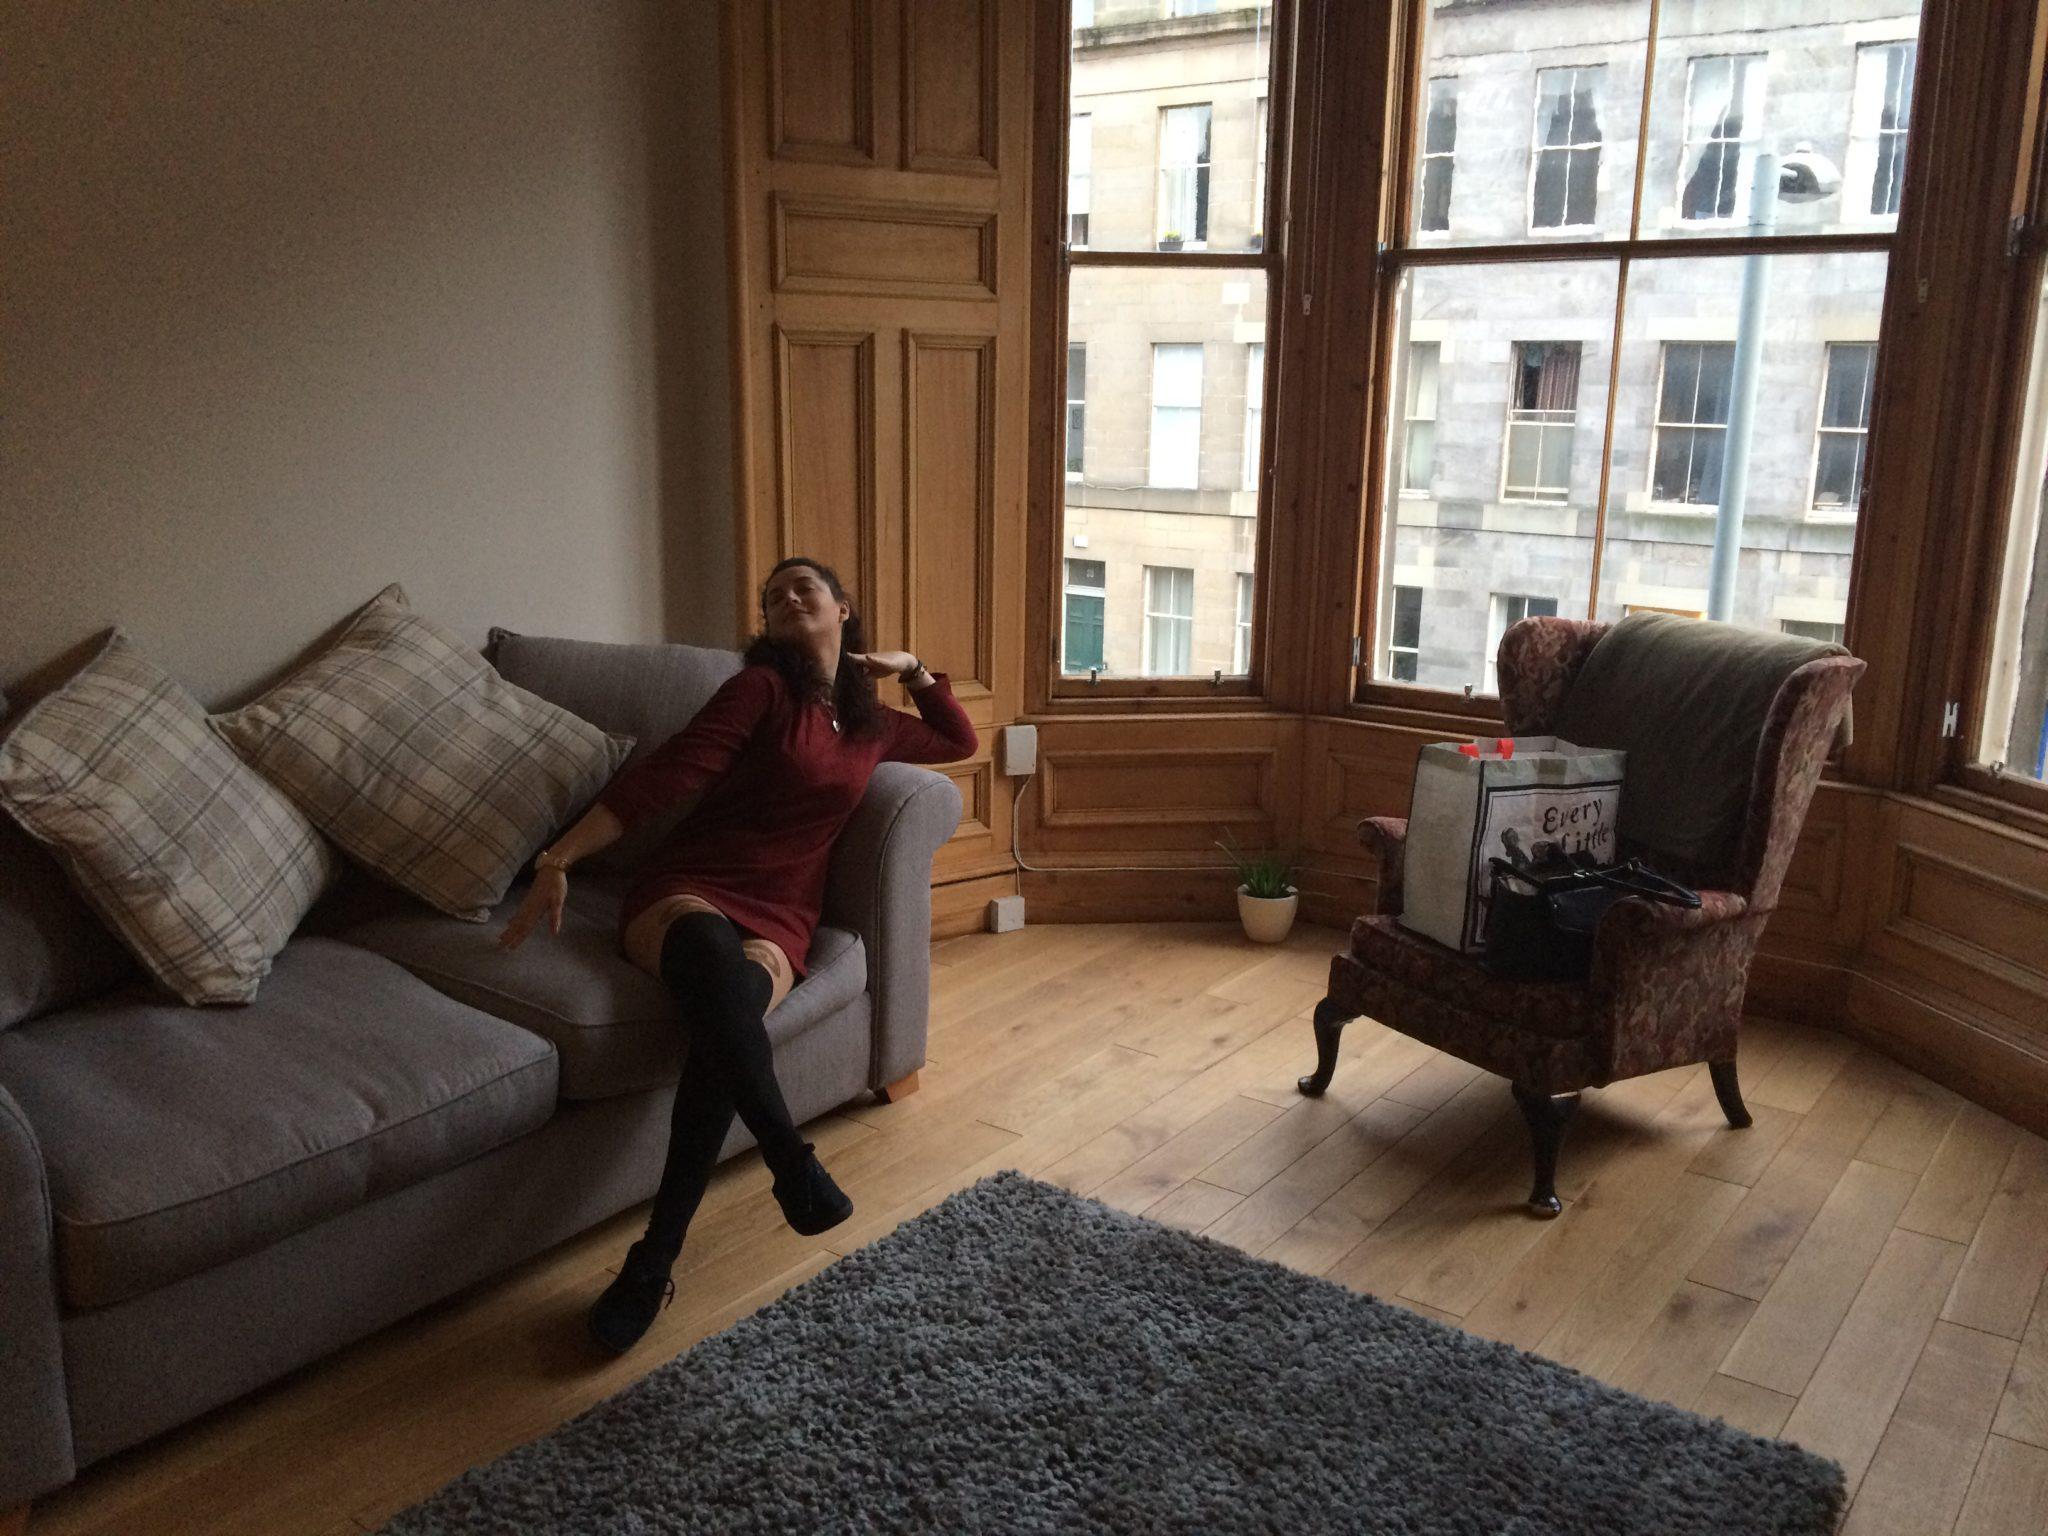 Airbnb in Edinburgh, Scotland